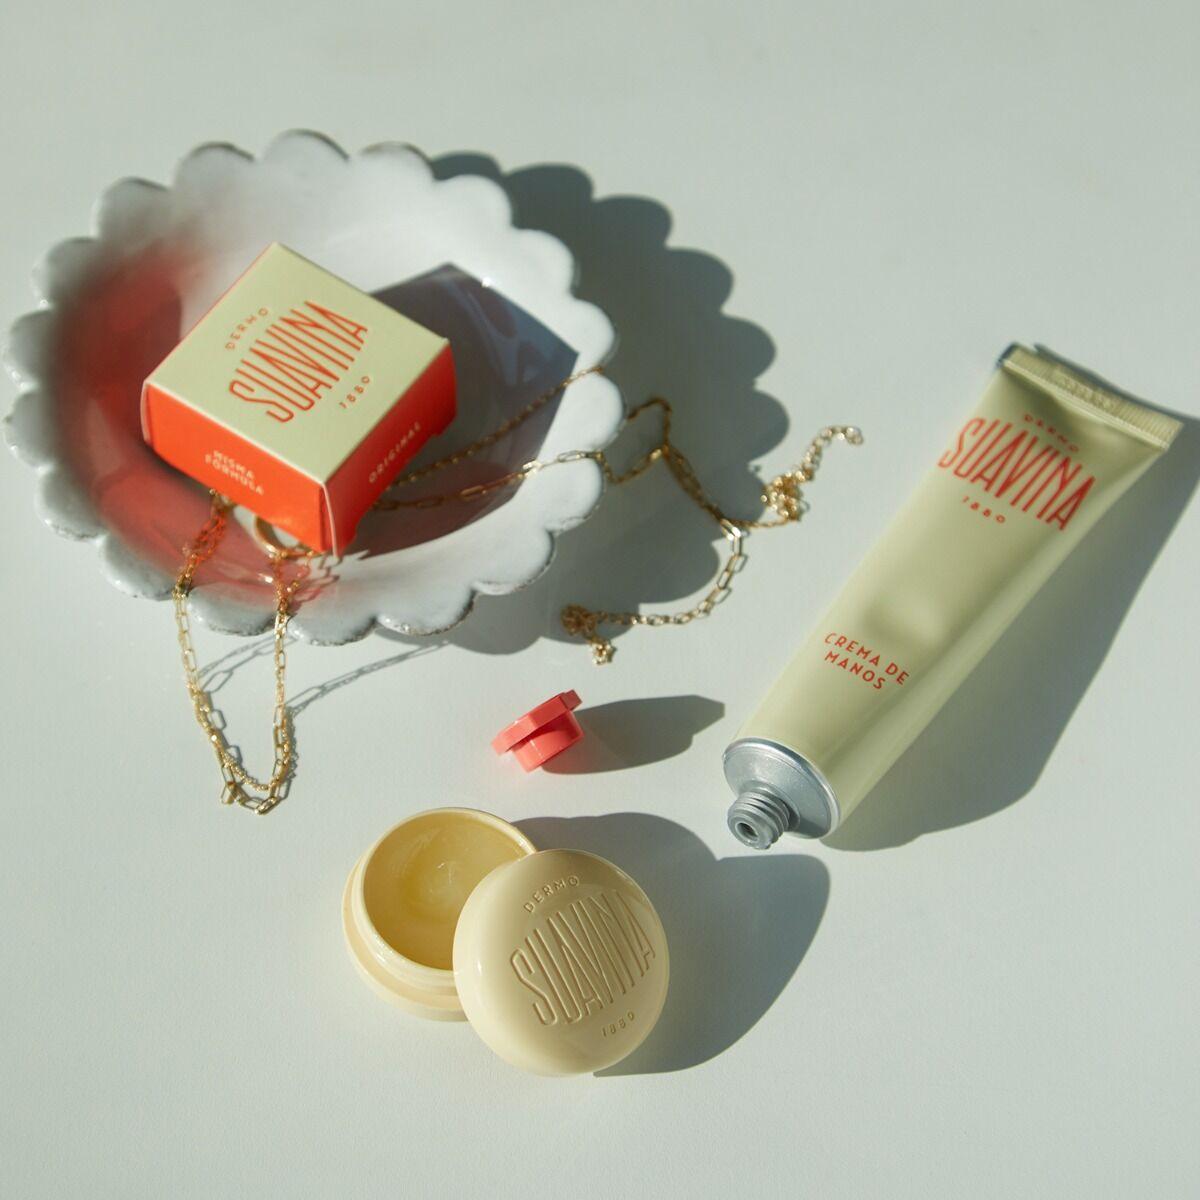 Suavina Hand Cream image